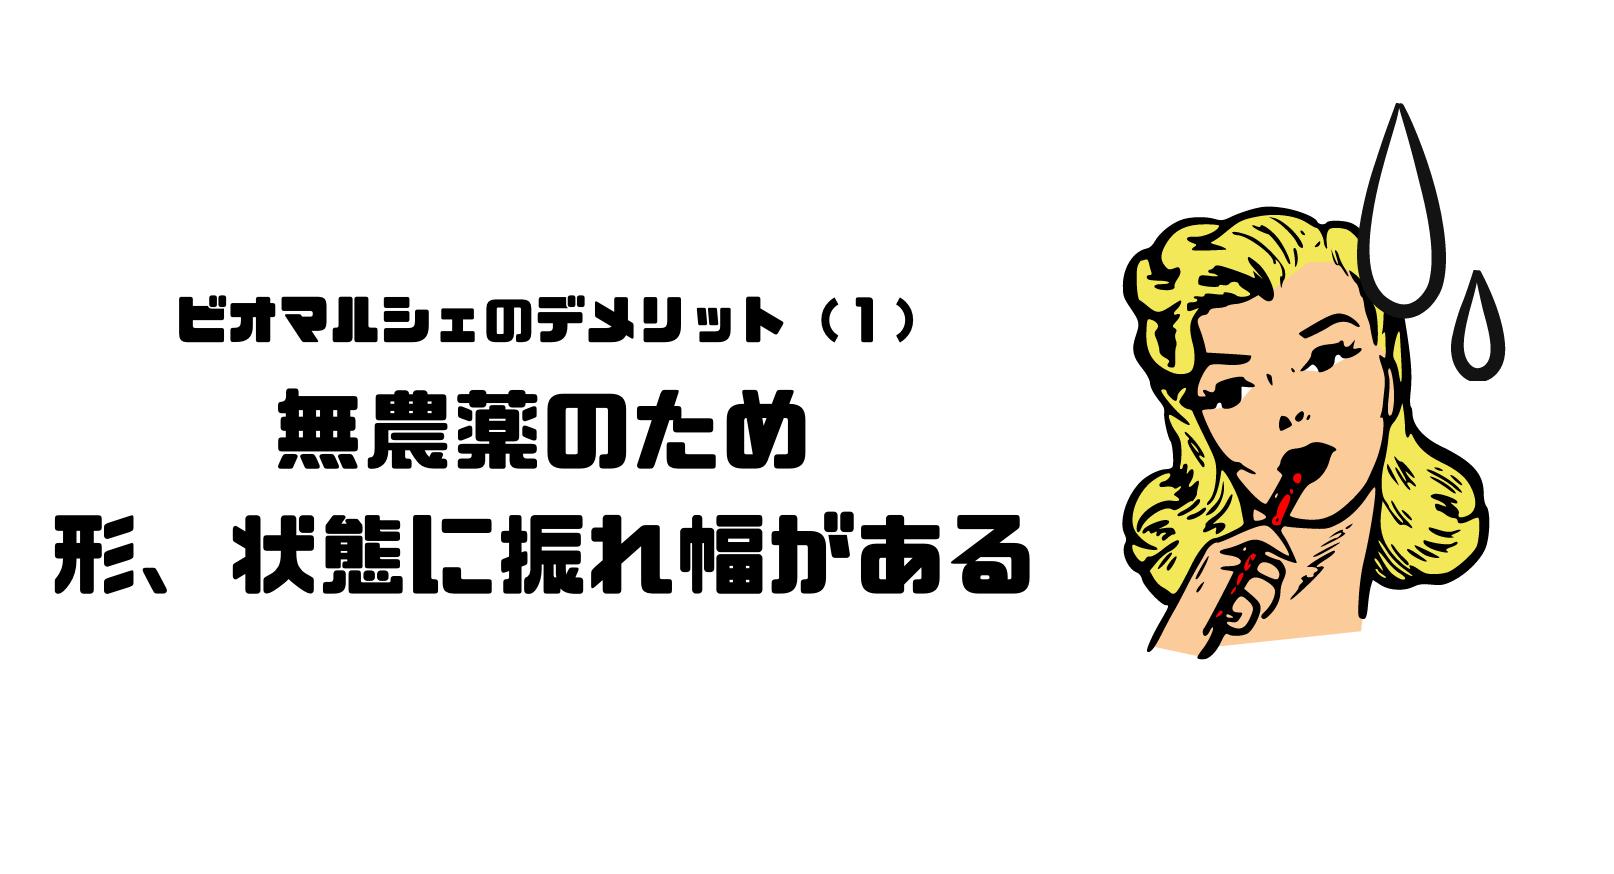 ビオマルシェ_評判_口コミ_デメリット_野菜_形_状態